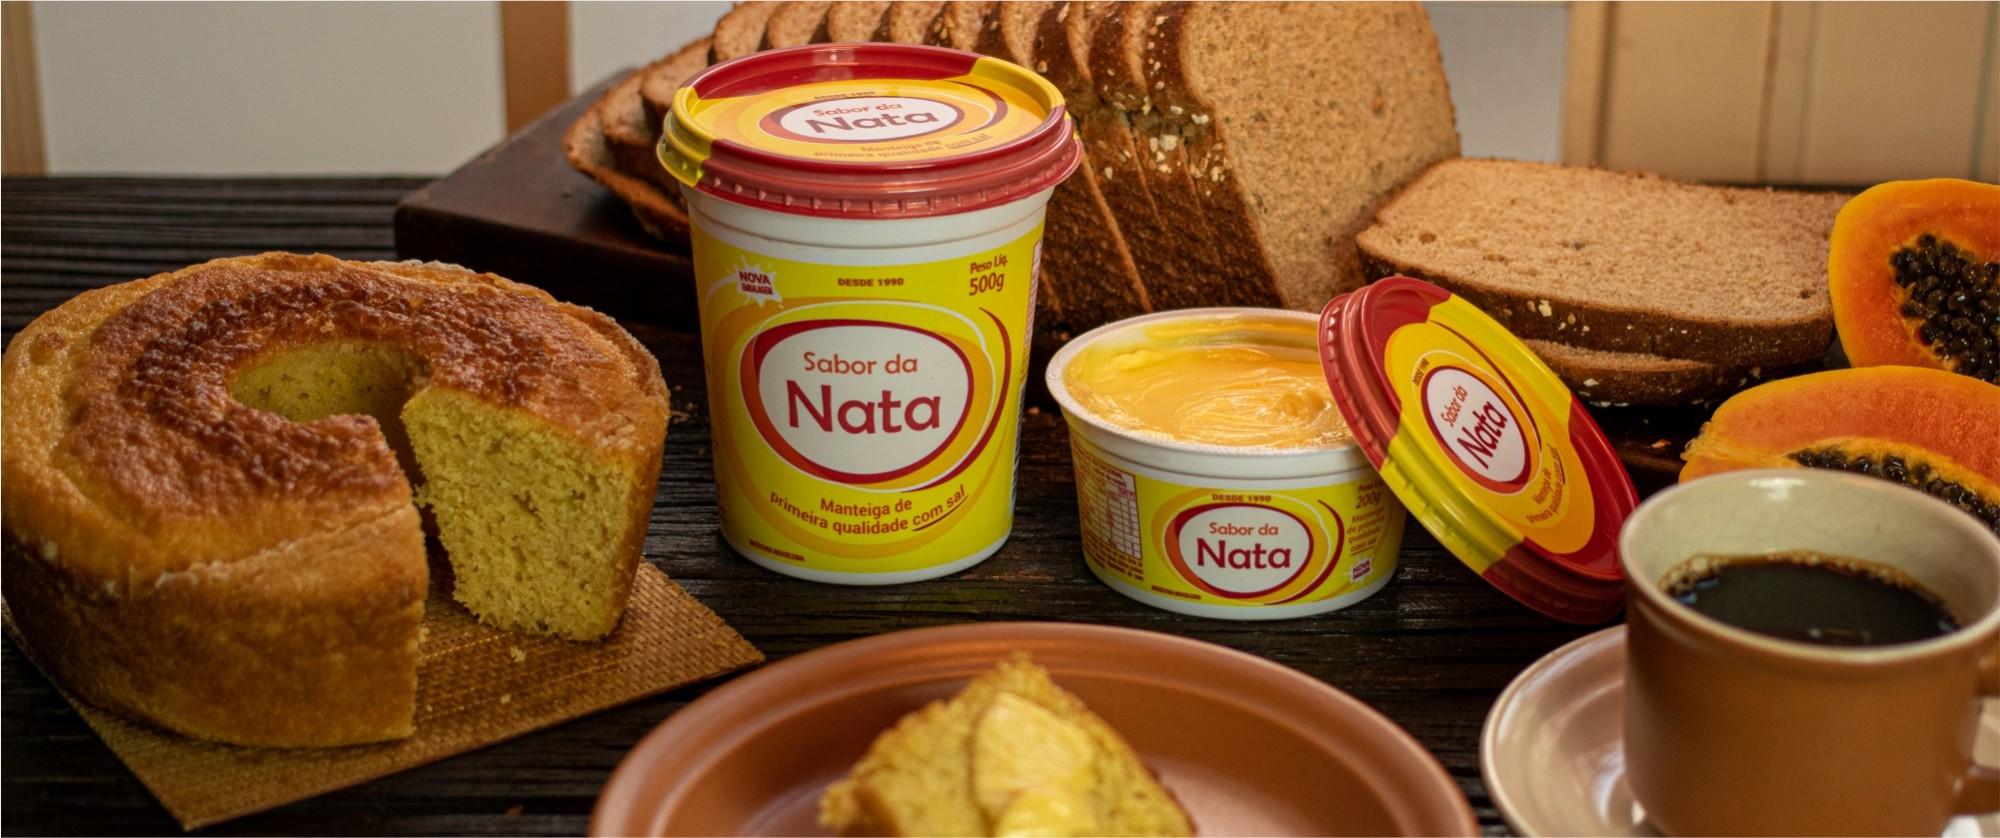 Manteiga Sabor da Nata